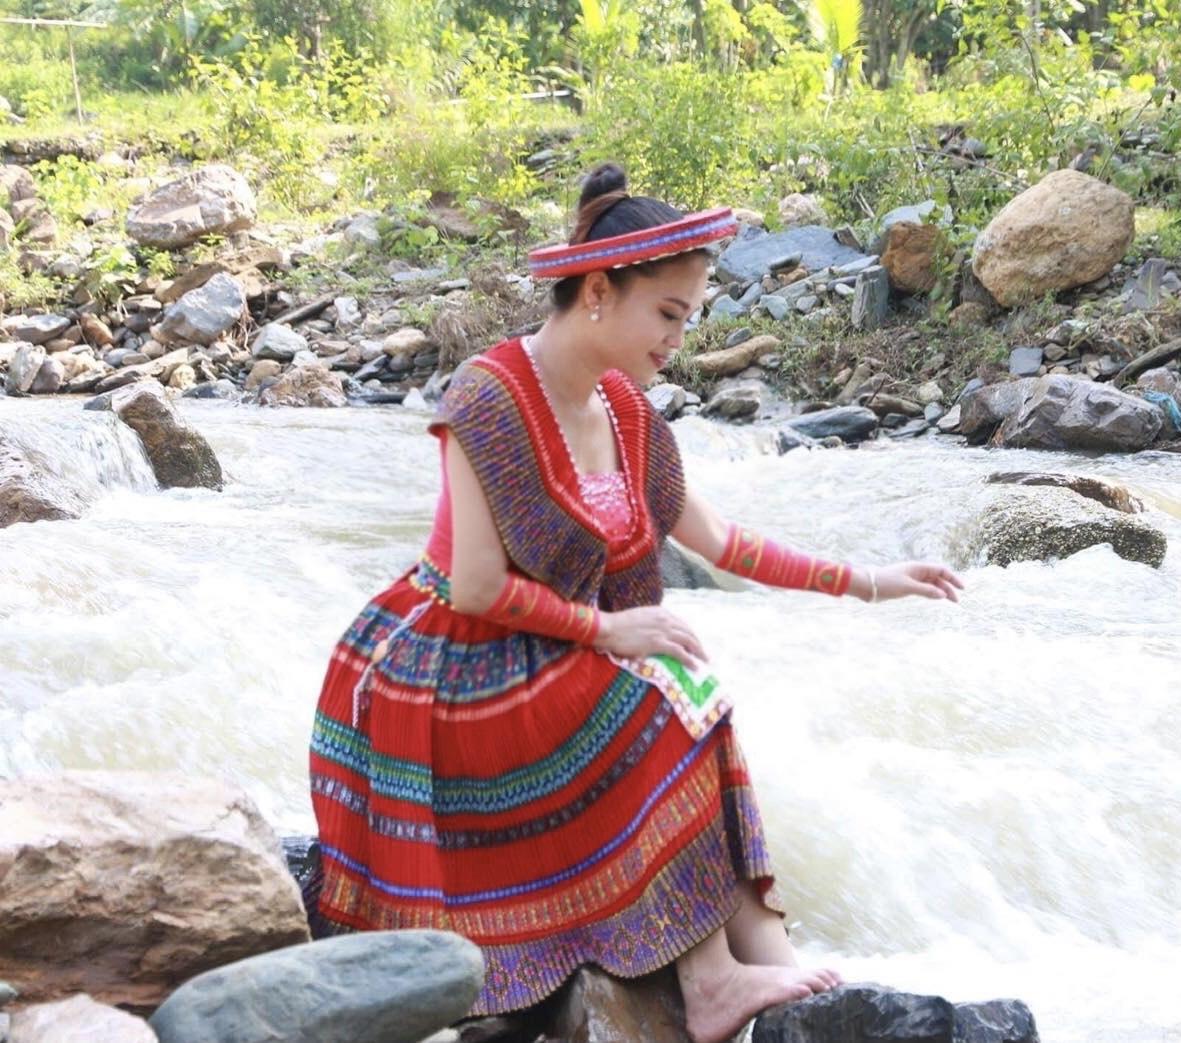 NSƯT Hải Yến hóa thân thành cô gái dân tộc Mông cất lên lời ca ngọt ngào bên suối